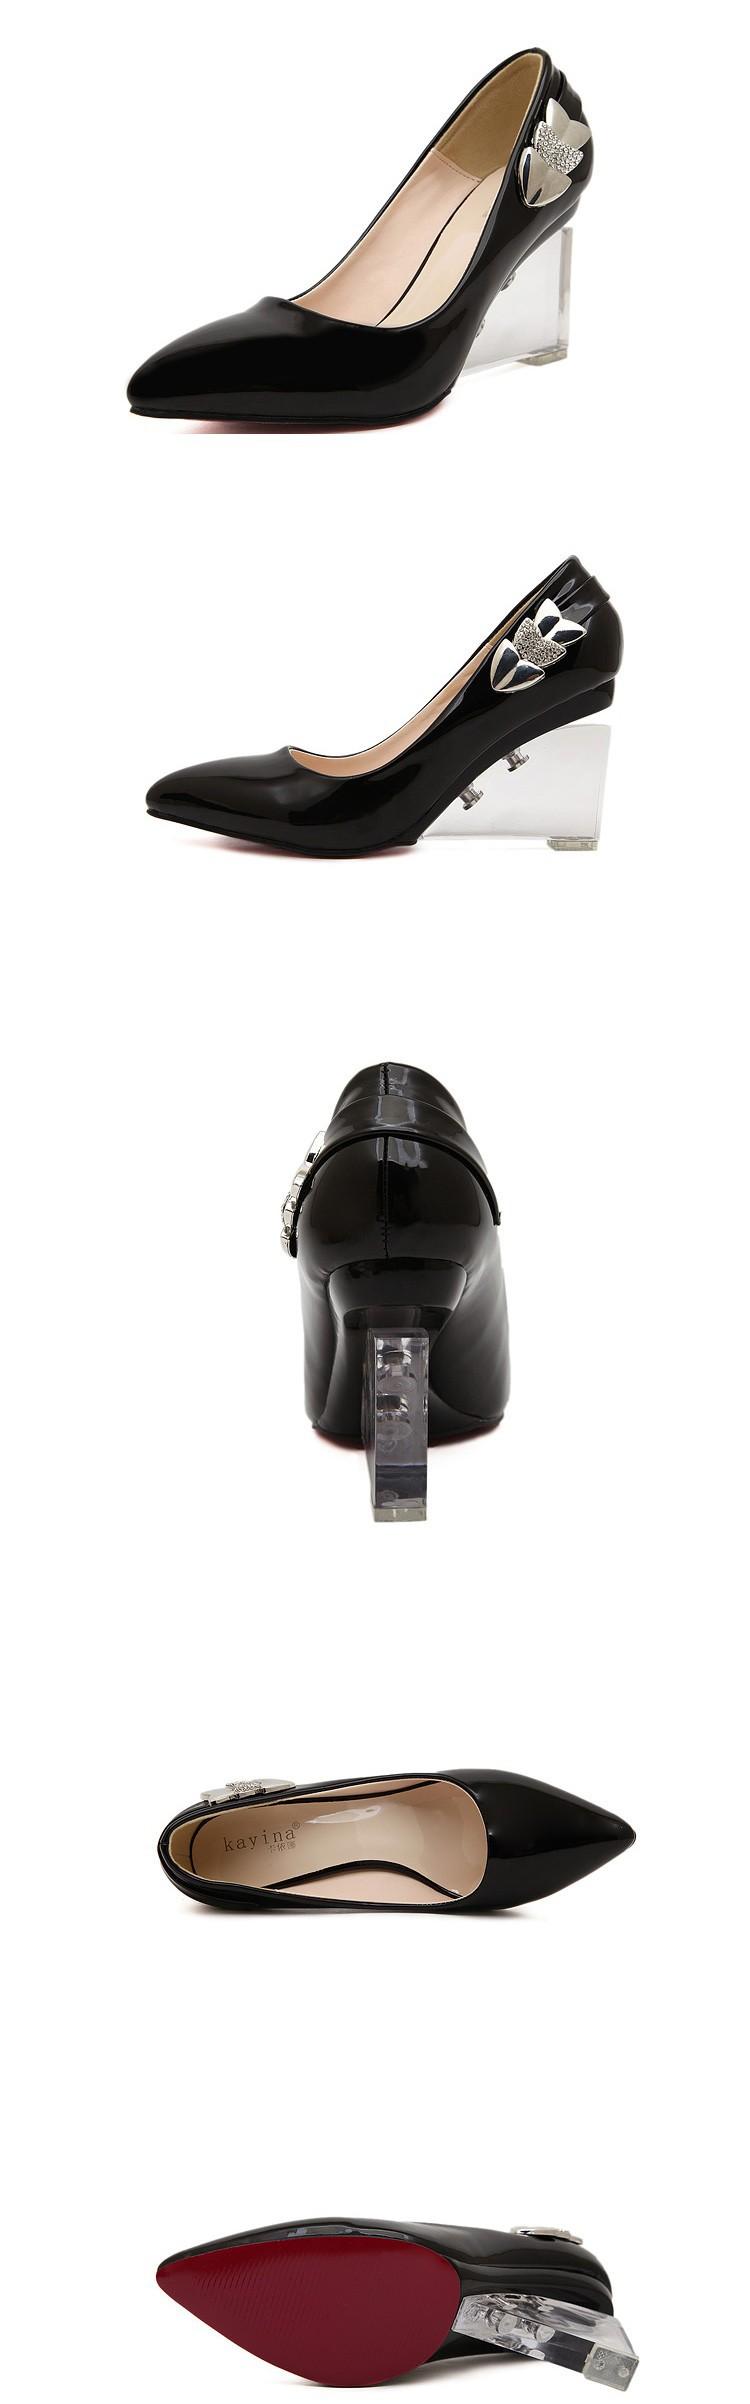 осенью новый сексуальный острые каблуки кристалл пряжкой туфли с насосами клин пятки обувь популярных женщин 611-5